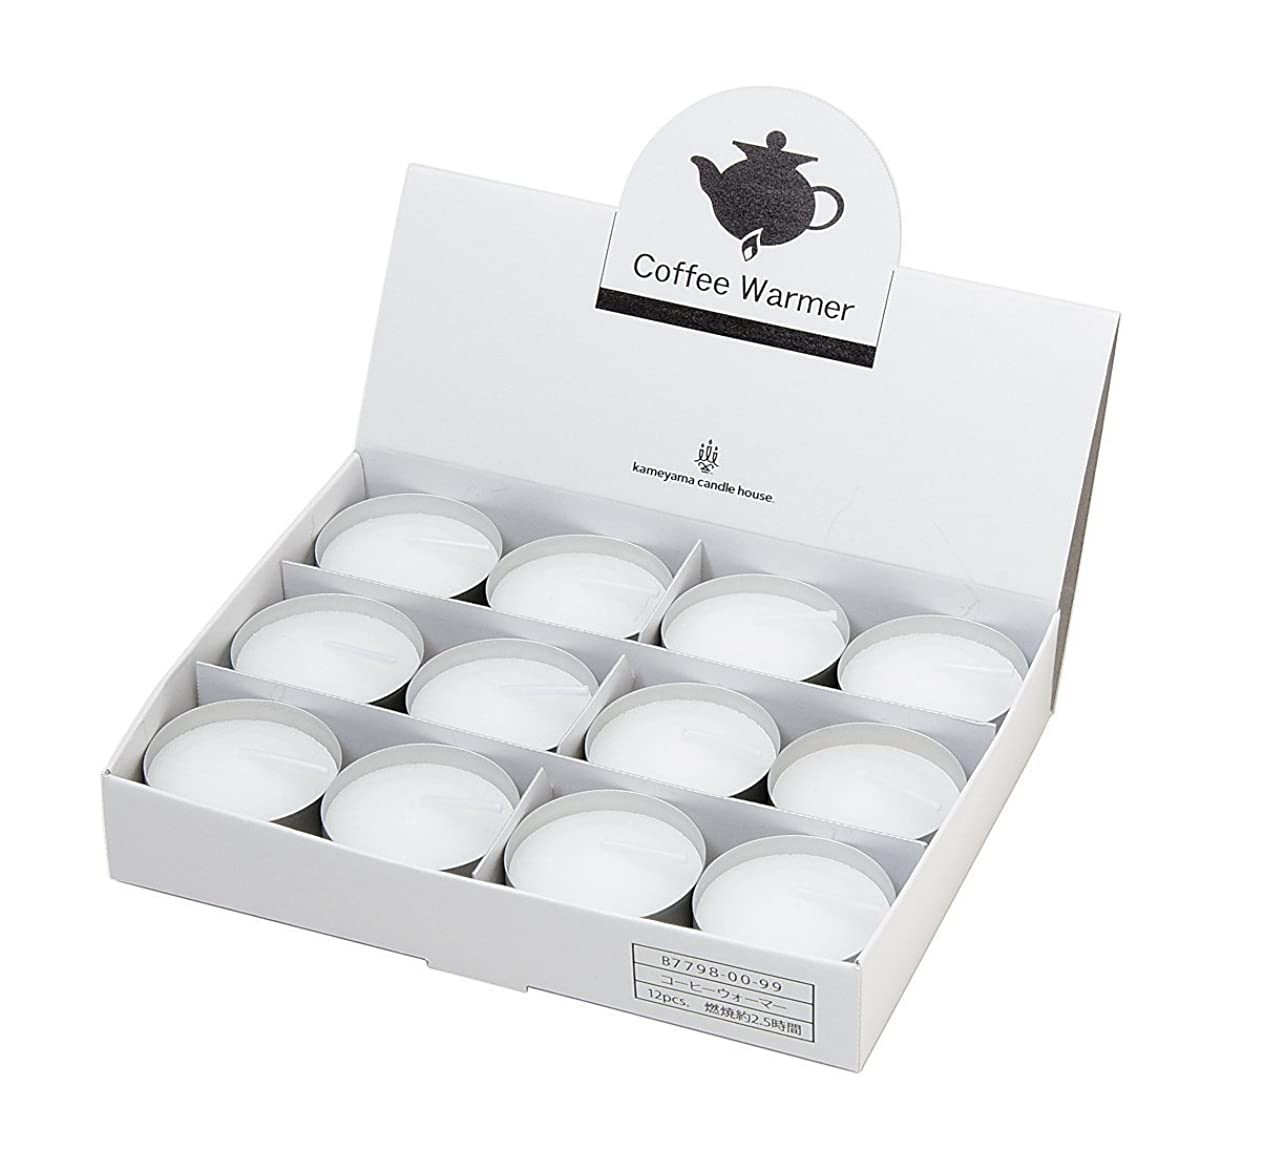 徹底的に驚かすマインドフルカメヤマキャンドルハウス チョコレートフォンデュなどにもおすすめ 大きめ炎で保温できる コーヒーウォーマーキャンドル(1箱12個入) 燃焼時間約2時間30分